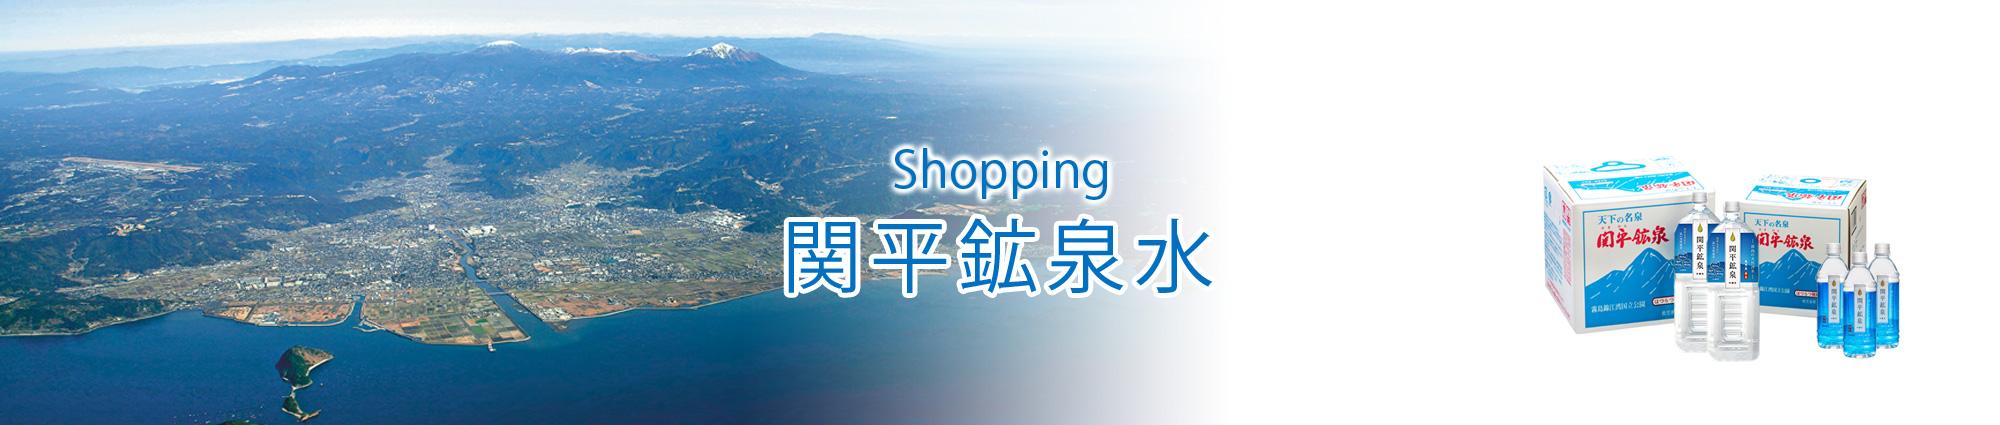 関平鉱泉水ショッピング